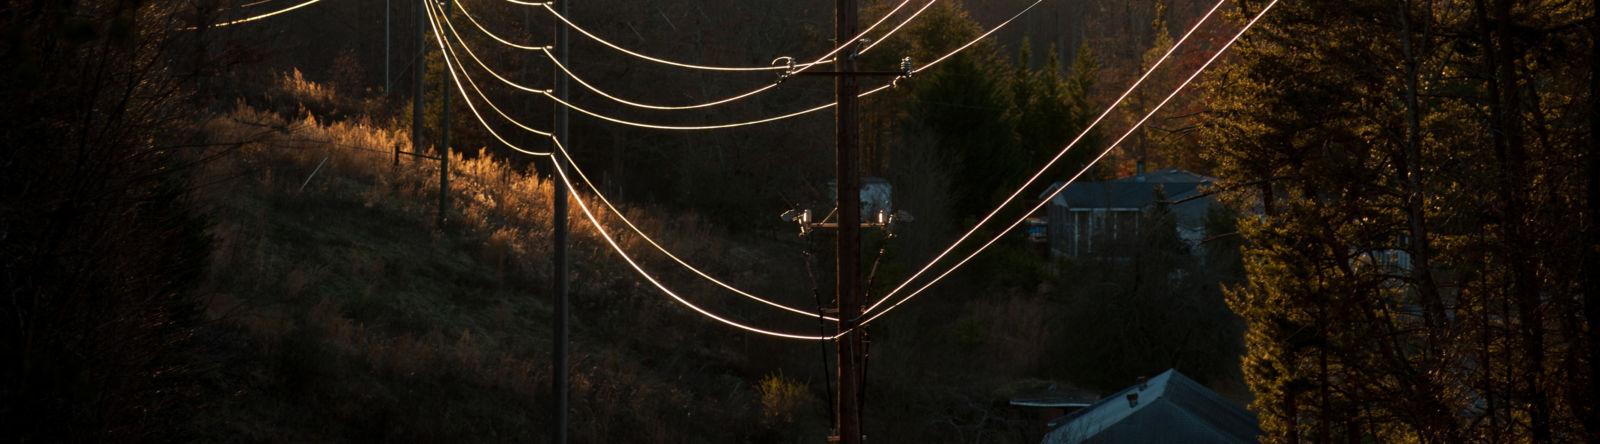 Power Lines in Sun Heart